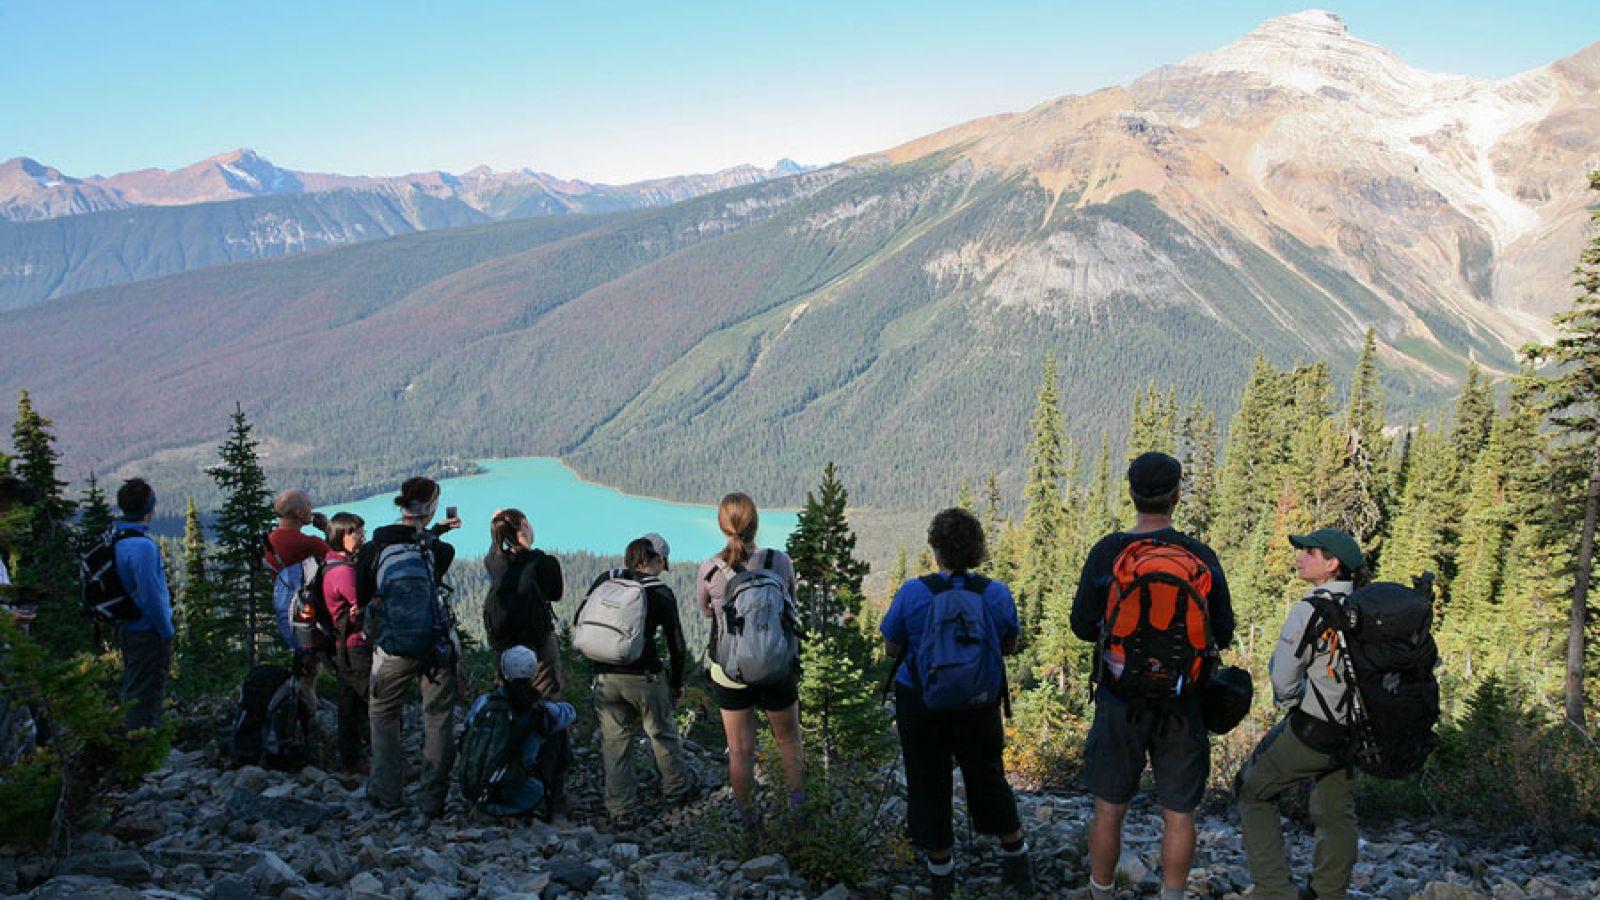 Overlooking Emerald Lake.